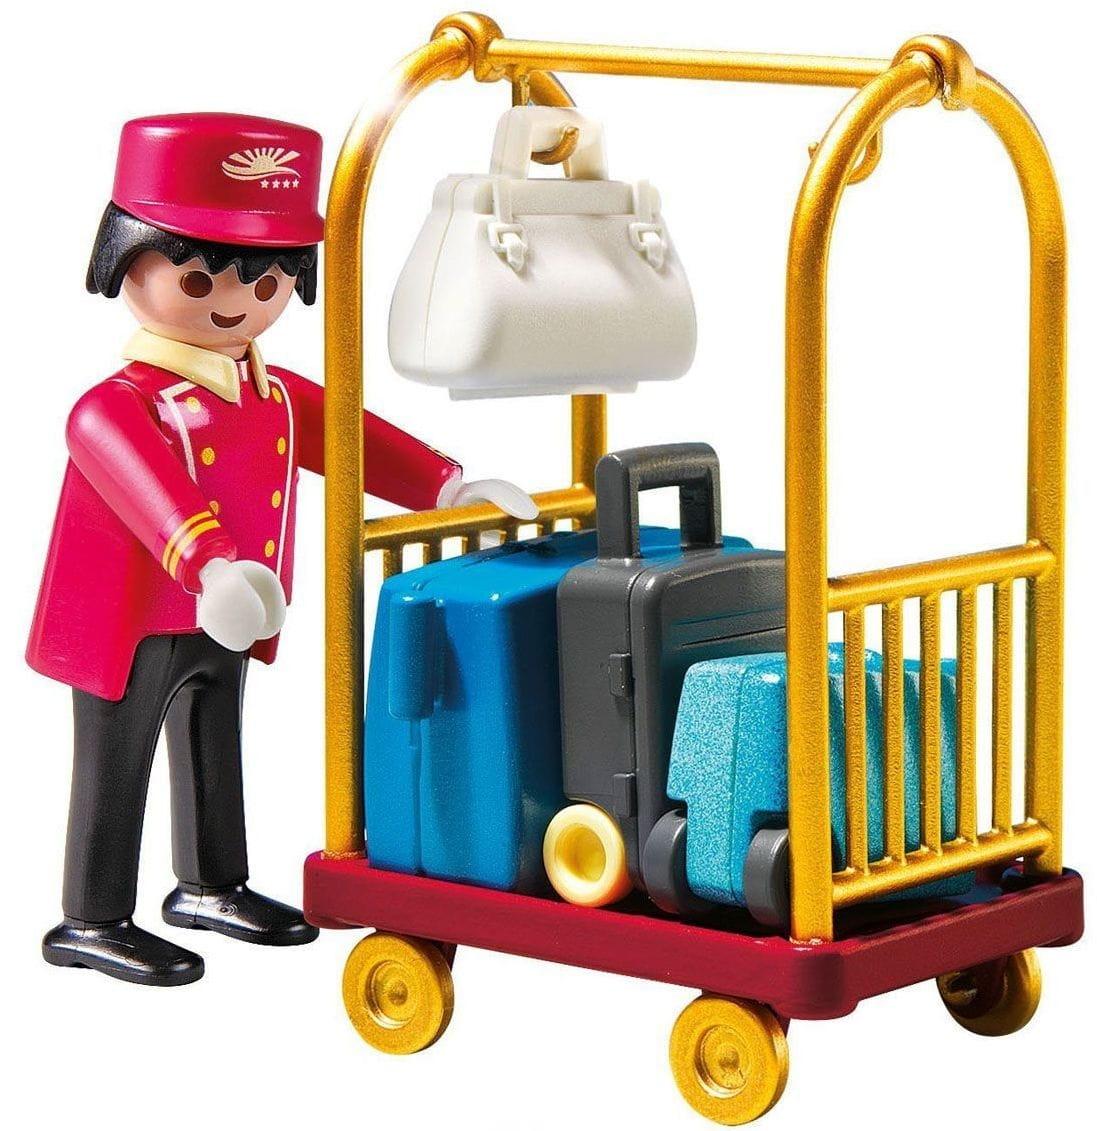 Игровой набор Playmobil 5270pm Отель - Носильщик с чемоданами